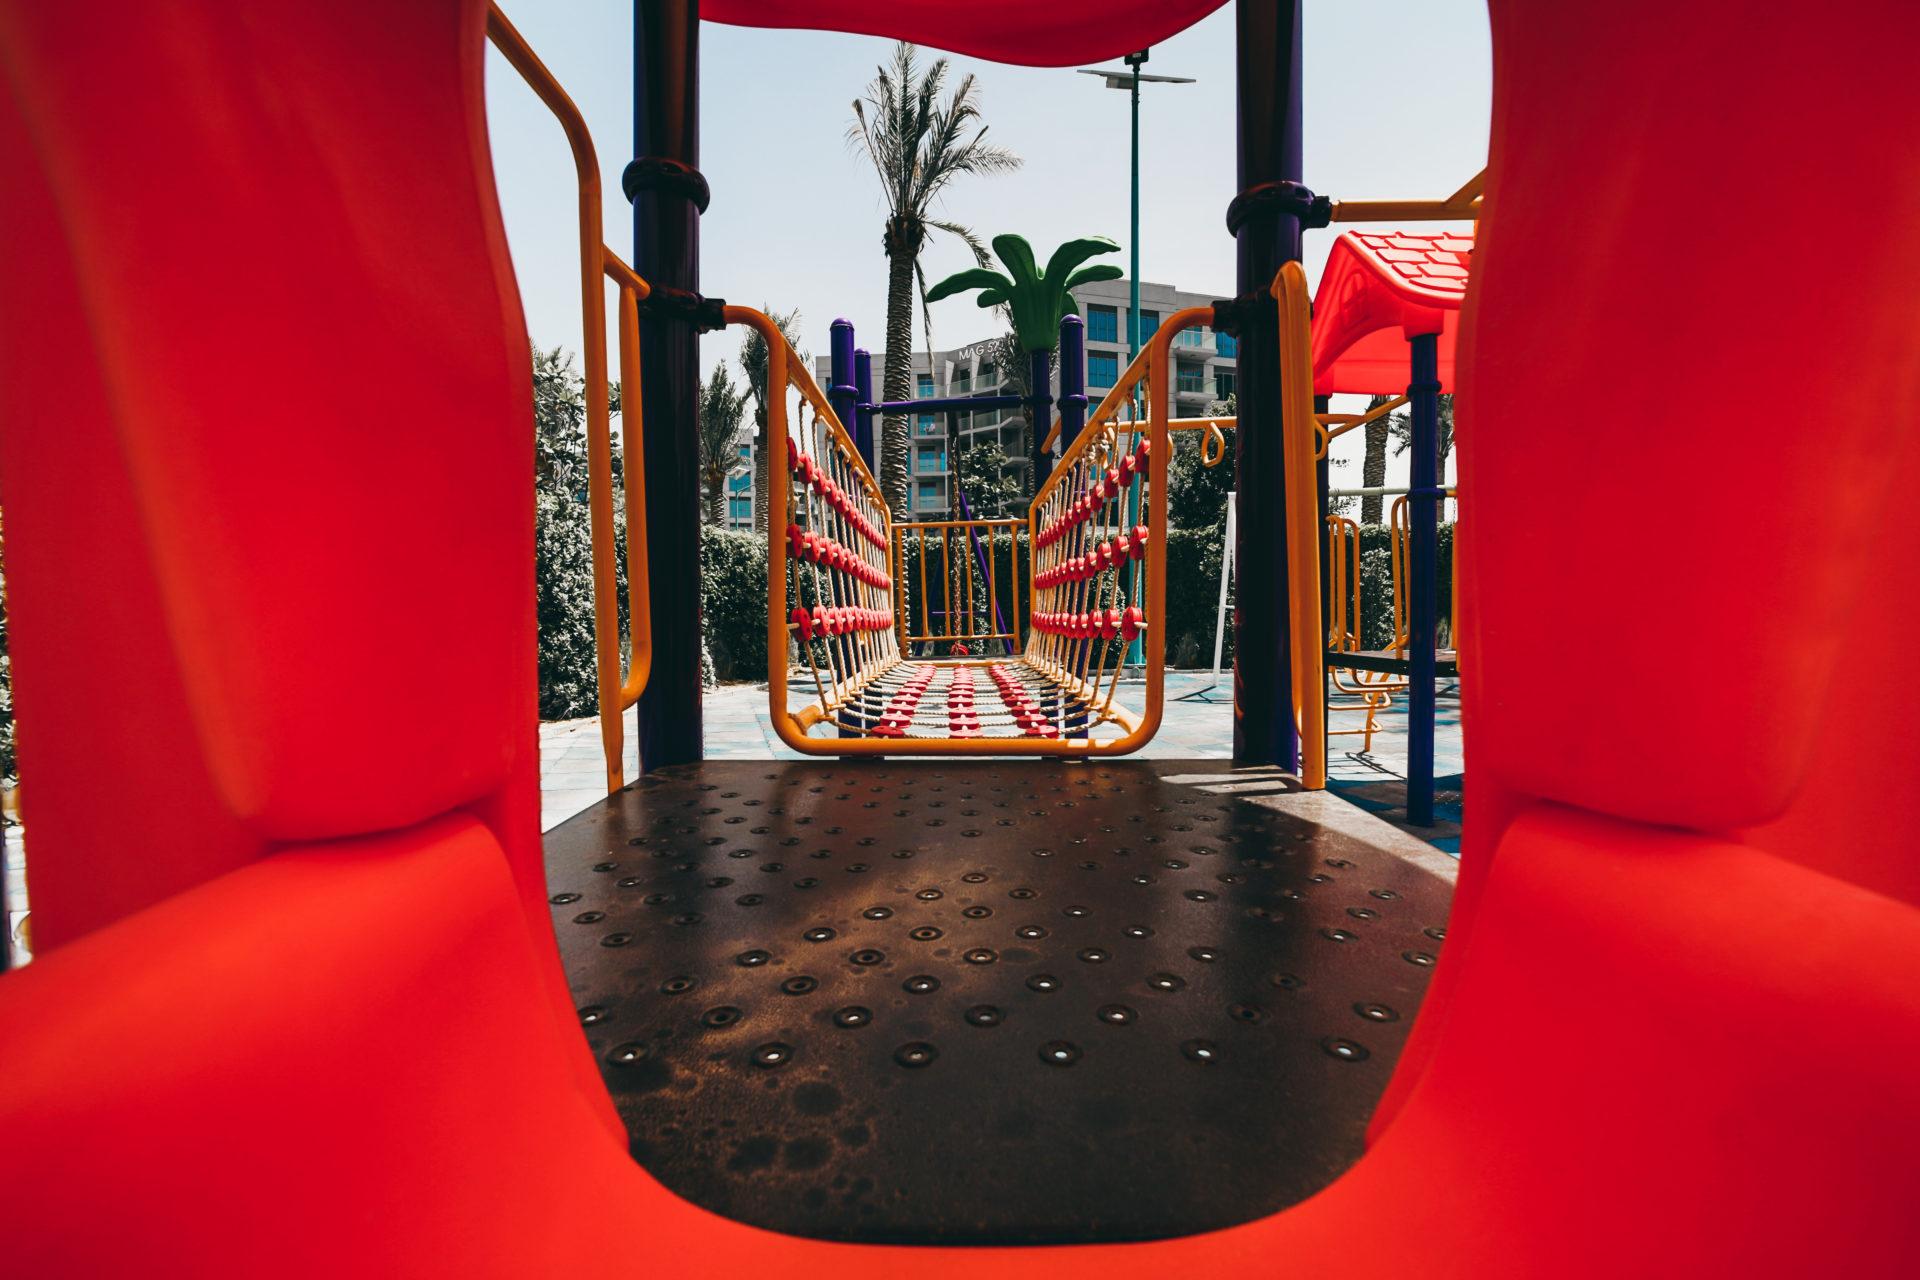 Квартира с 2 спальнями и гостиной в MAG 5 Dubai South | EXPO 2020